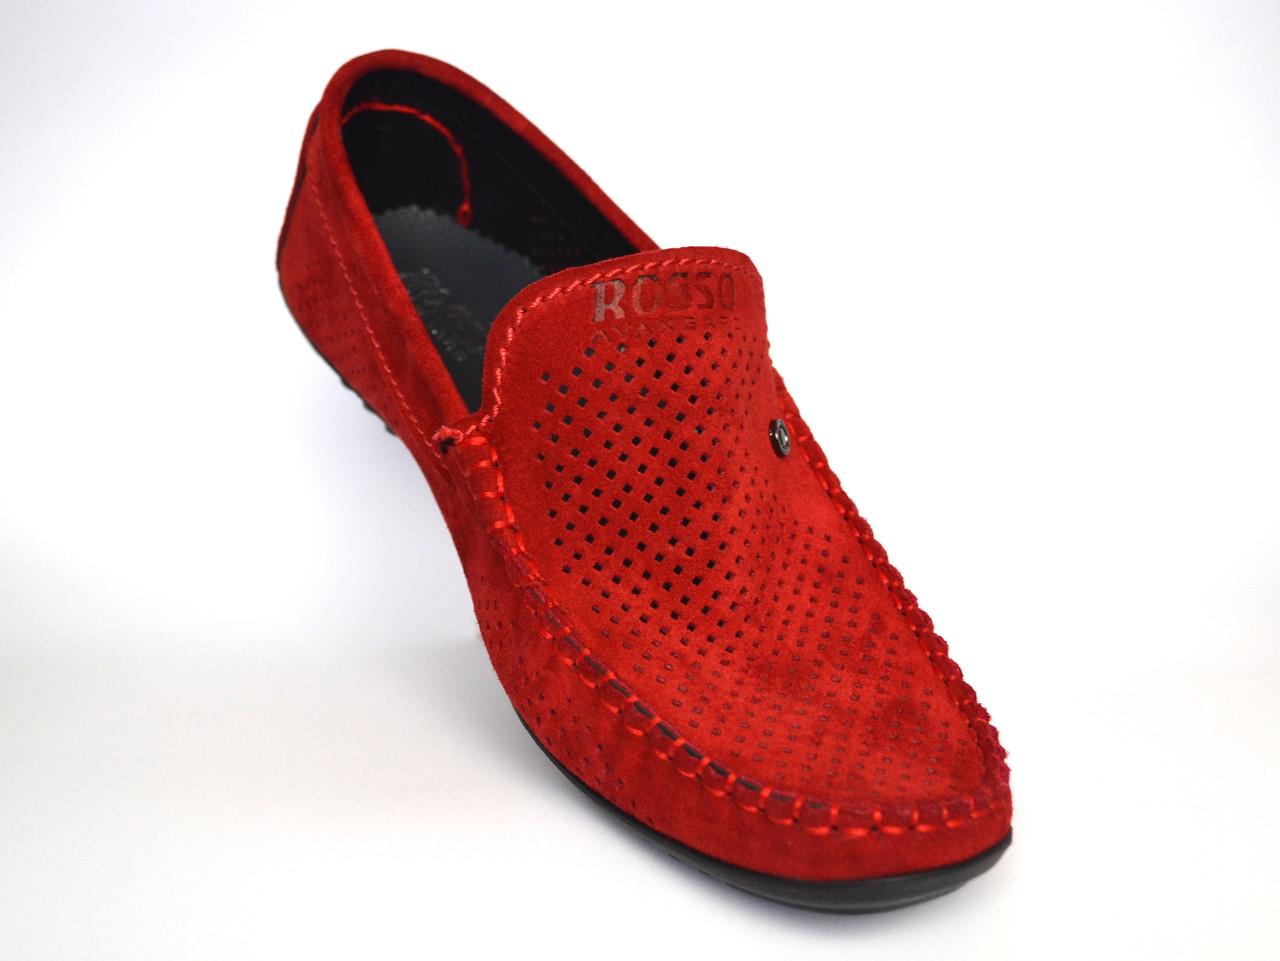 Большой размер. Летние мужские мокасины замшевые с перфорацией красные Rosso Avangard BS Alberto Red Perf